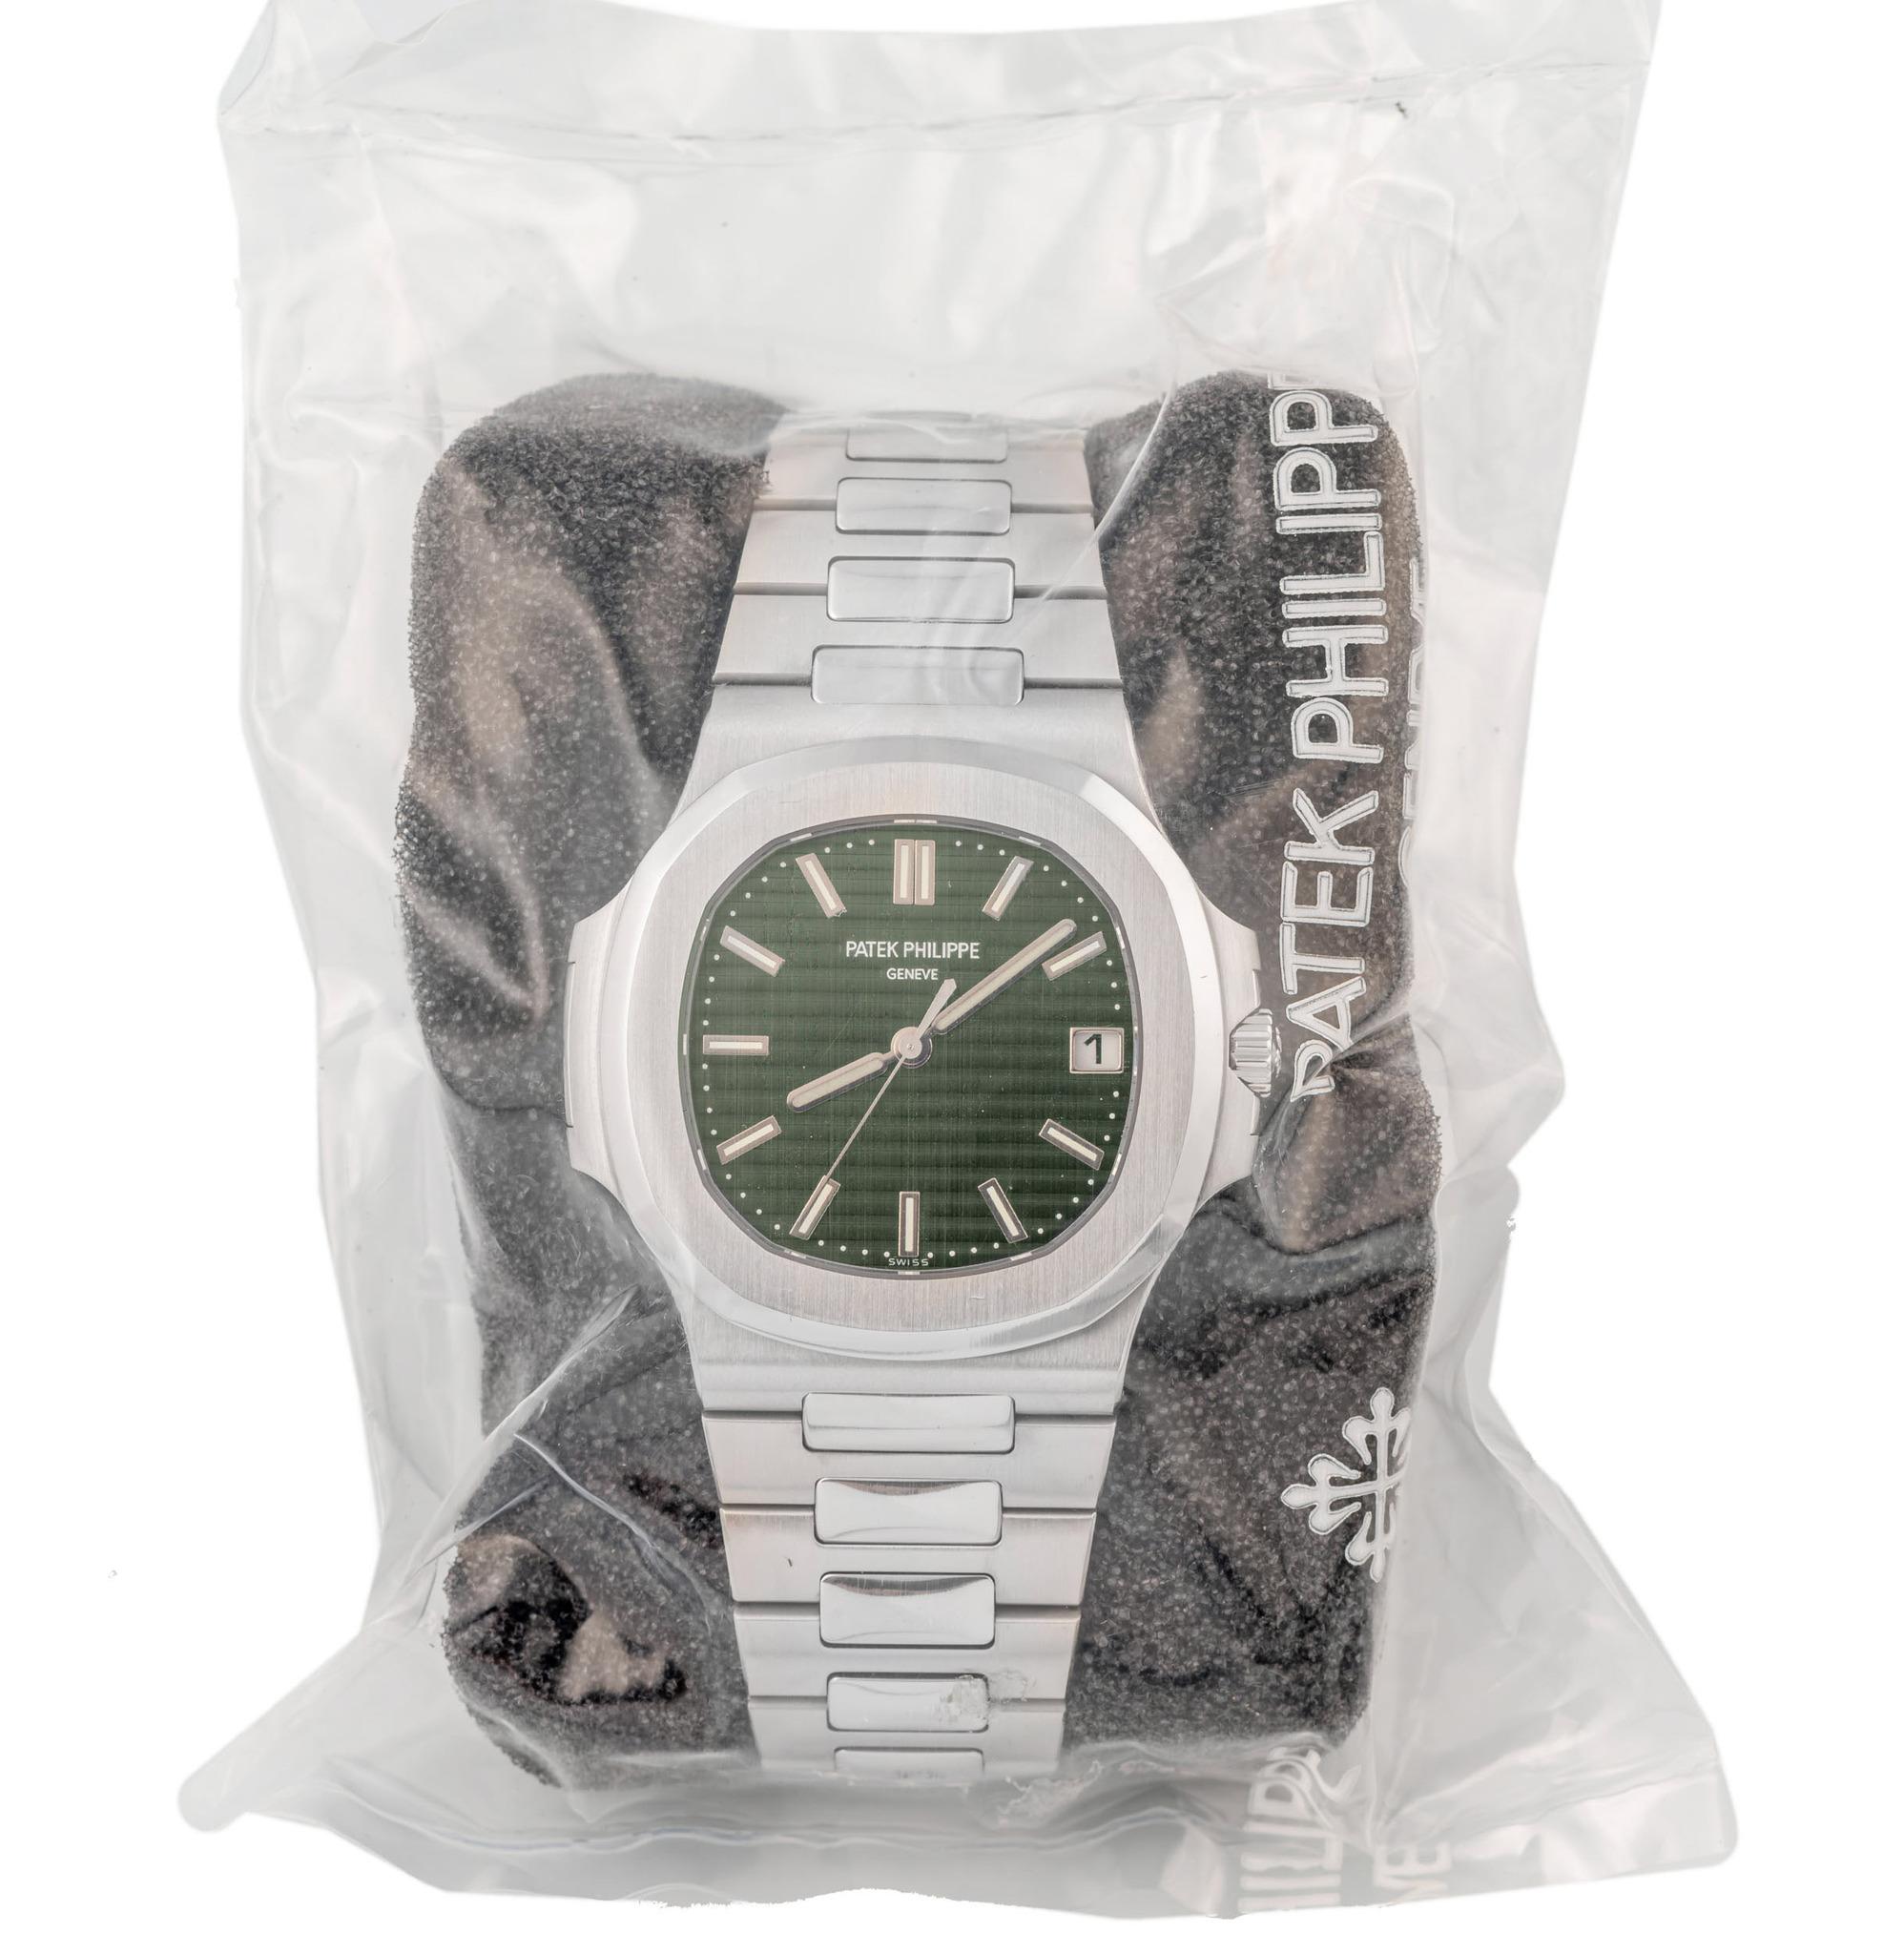 Antiquorum auction Patek Philippe Nautilus Green 5711-1A-014 - 5